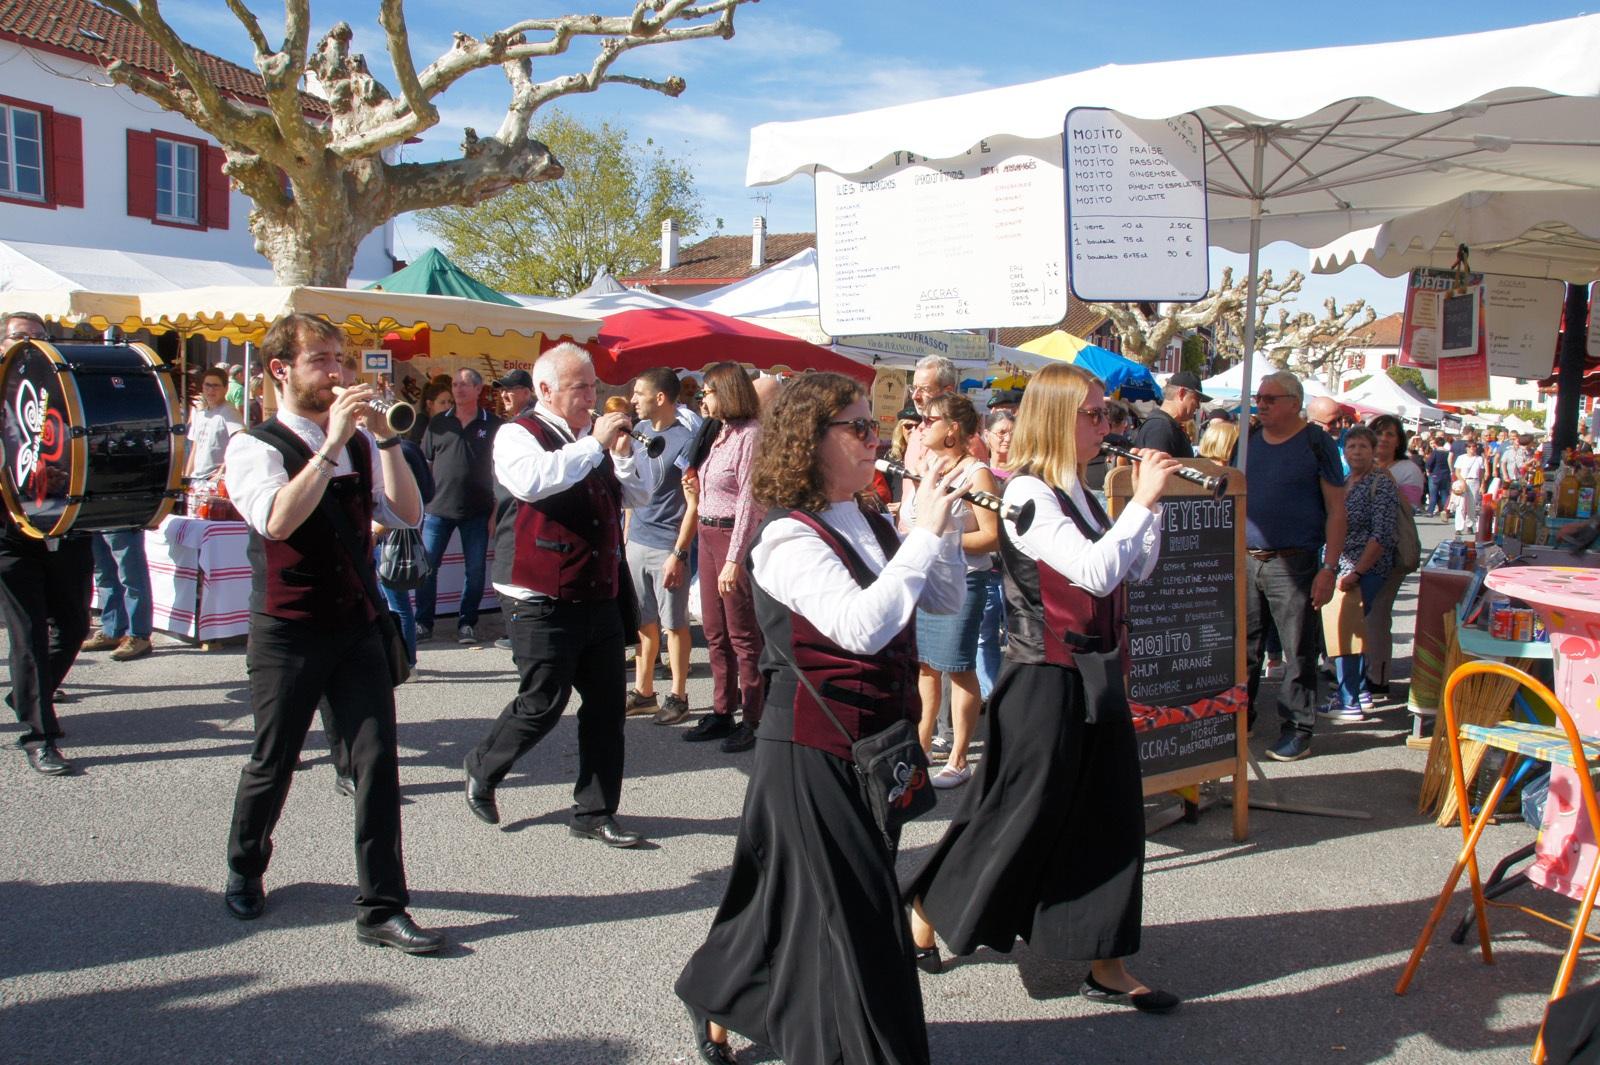 26-27 octobre 2019 – Le bagad Boulvriag à la fête du piment d'Espelette